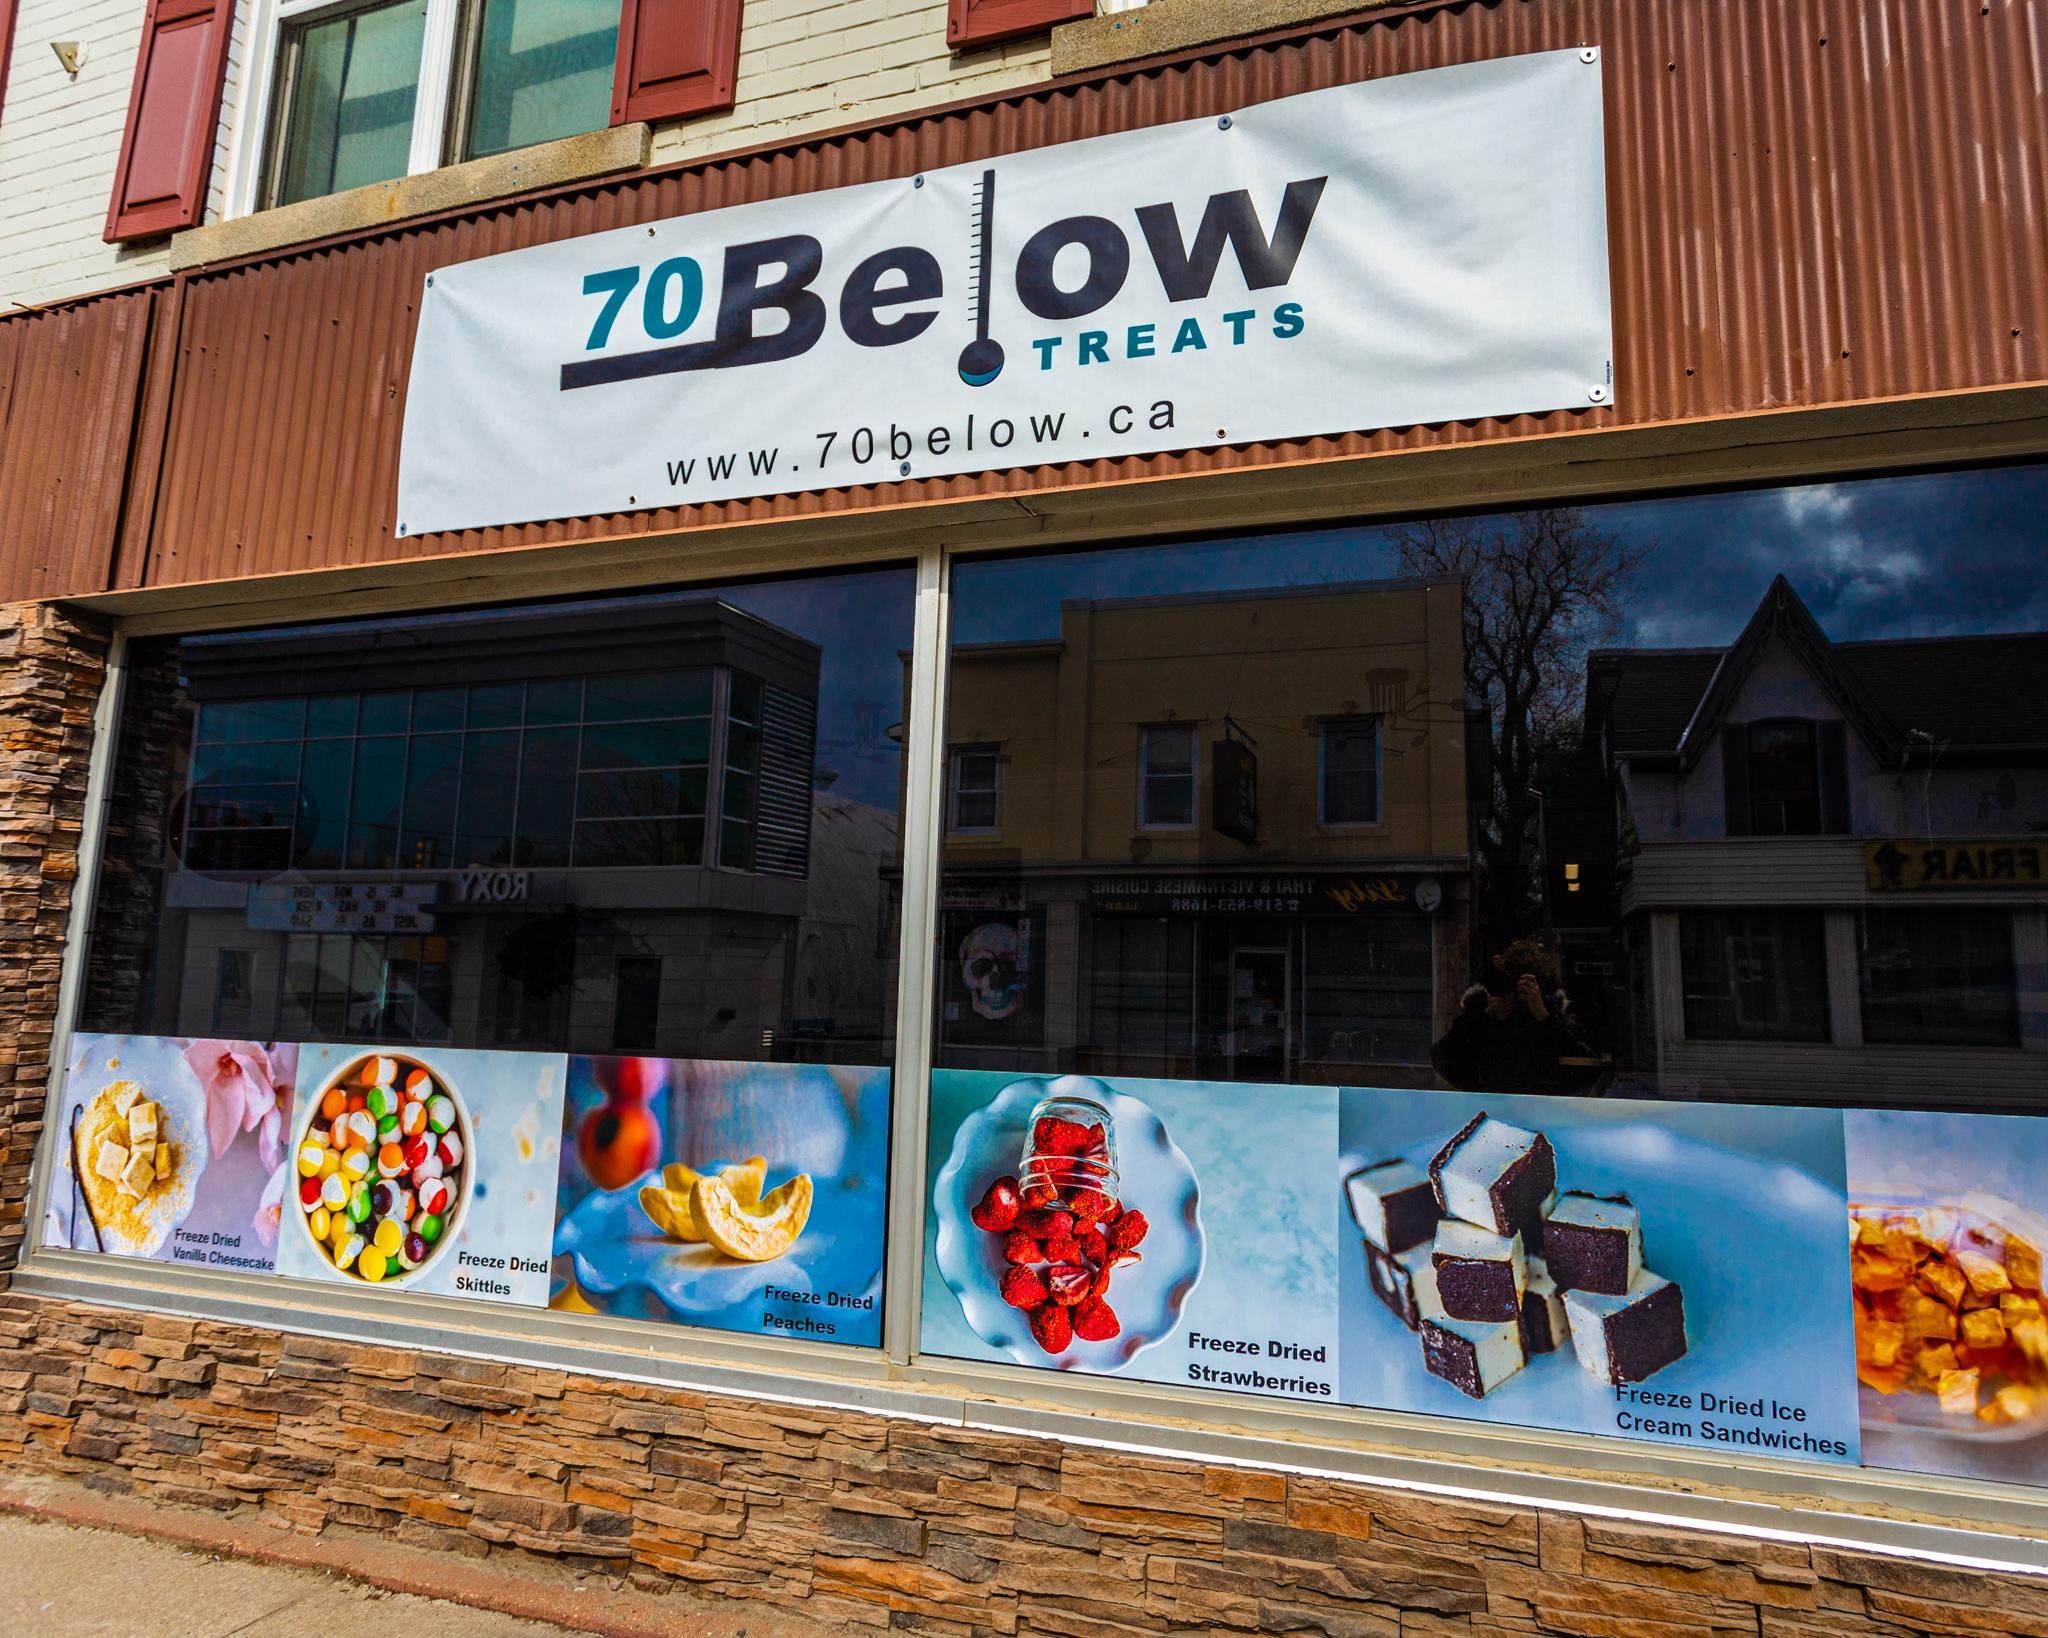 70 Below Treats